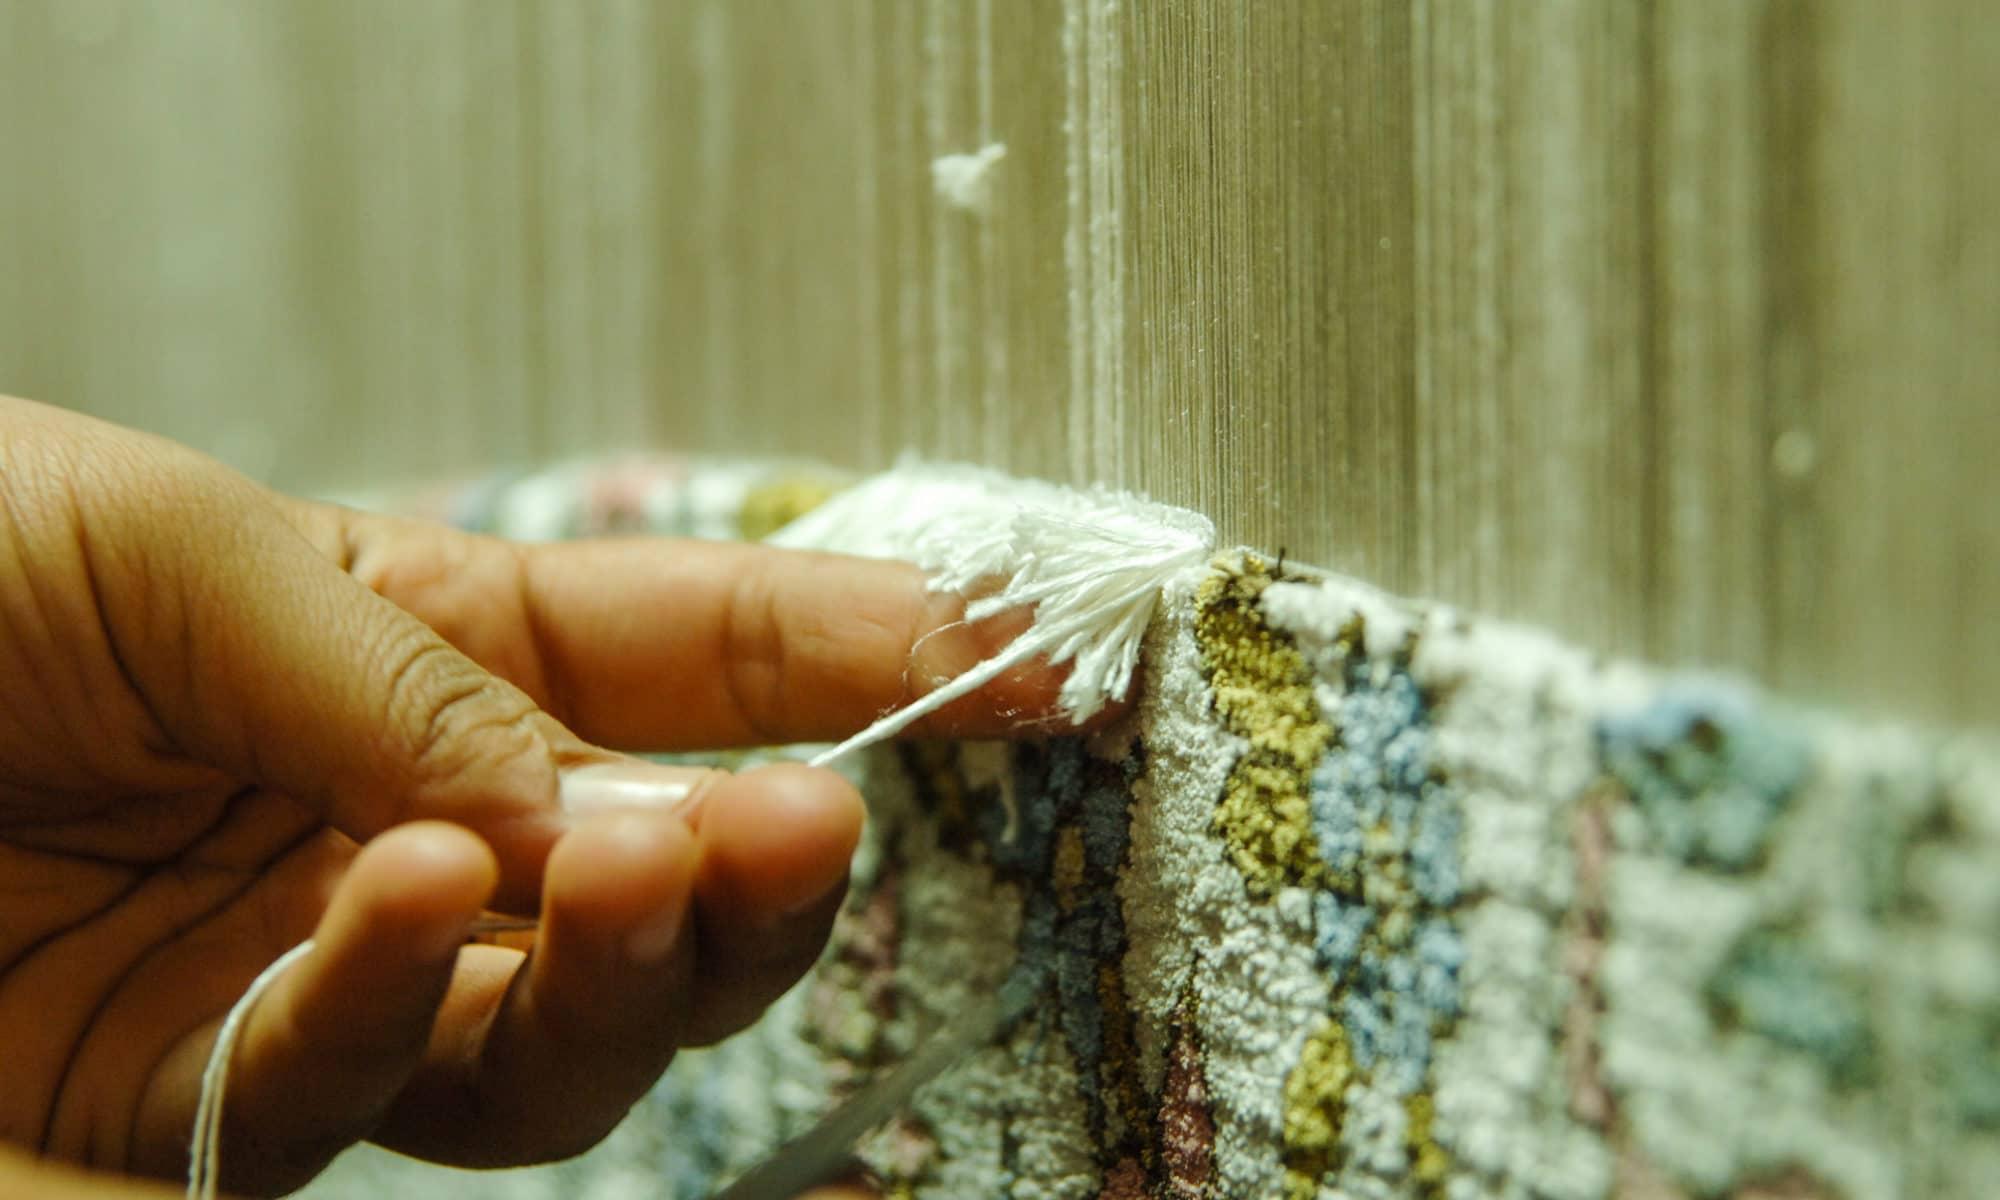 Handmade rugs vs Machine-knotted rugs